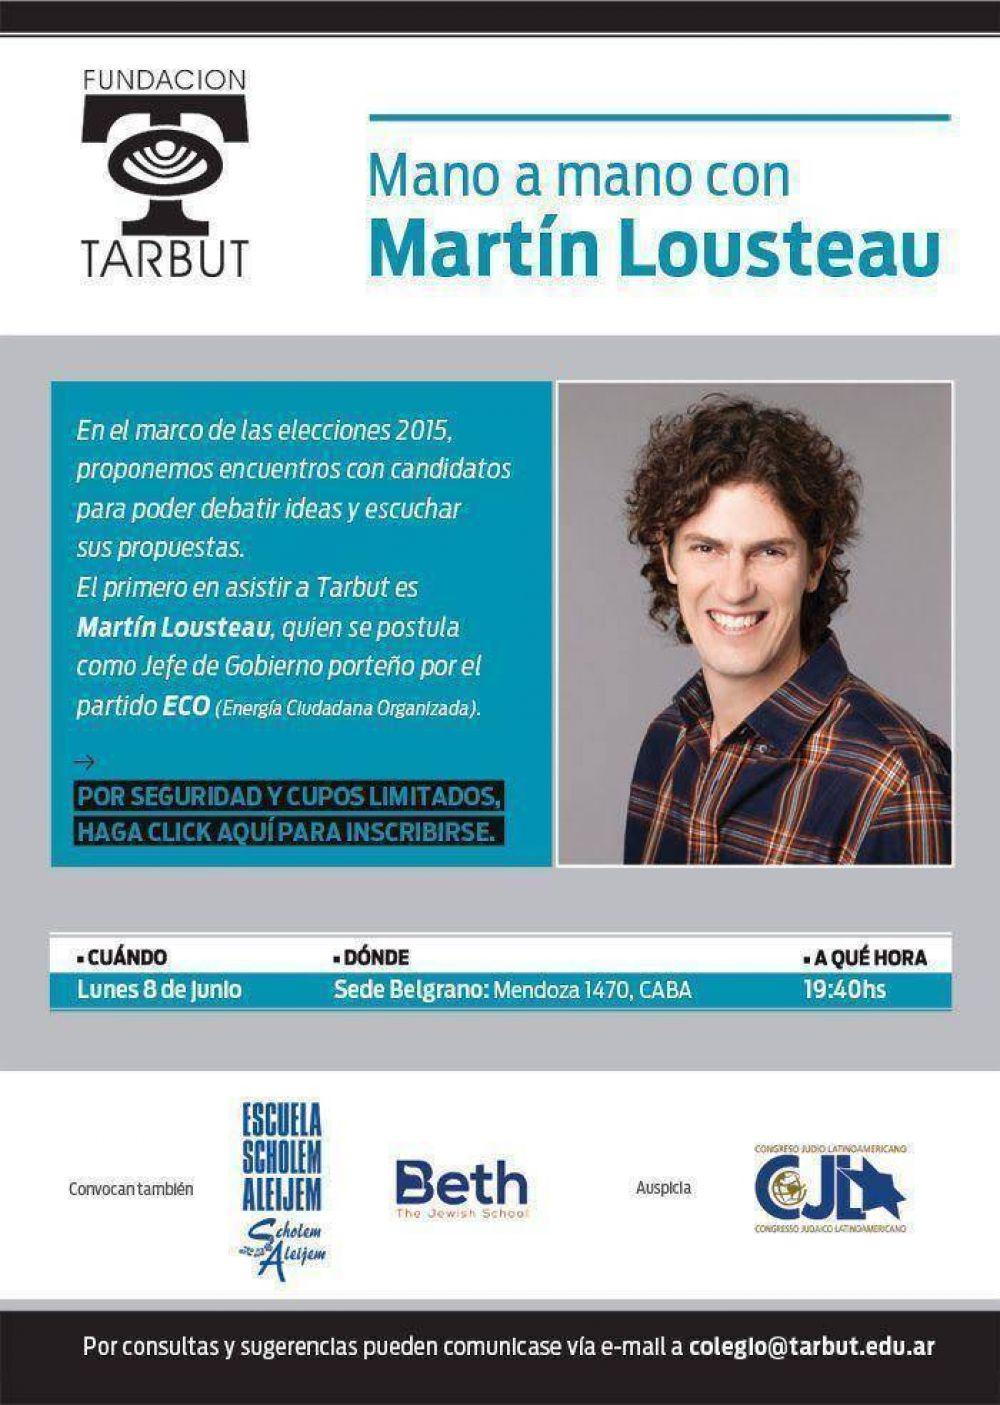 Martín Lousteau dará una charla en Tarbut - Sede Belgrano